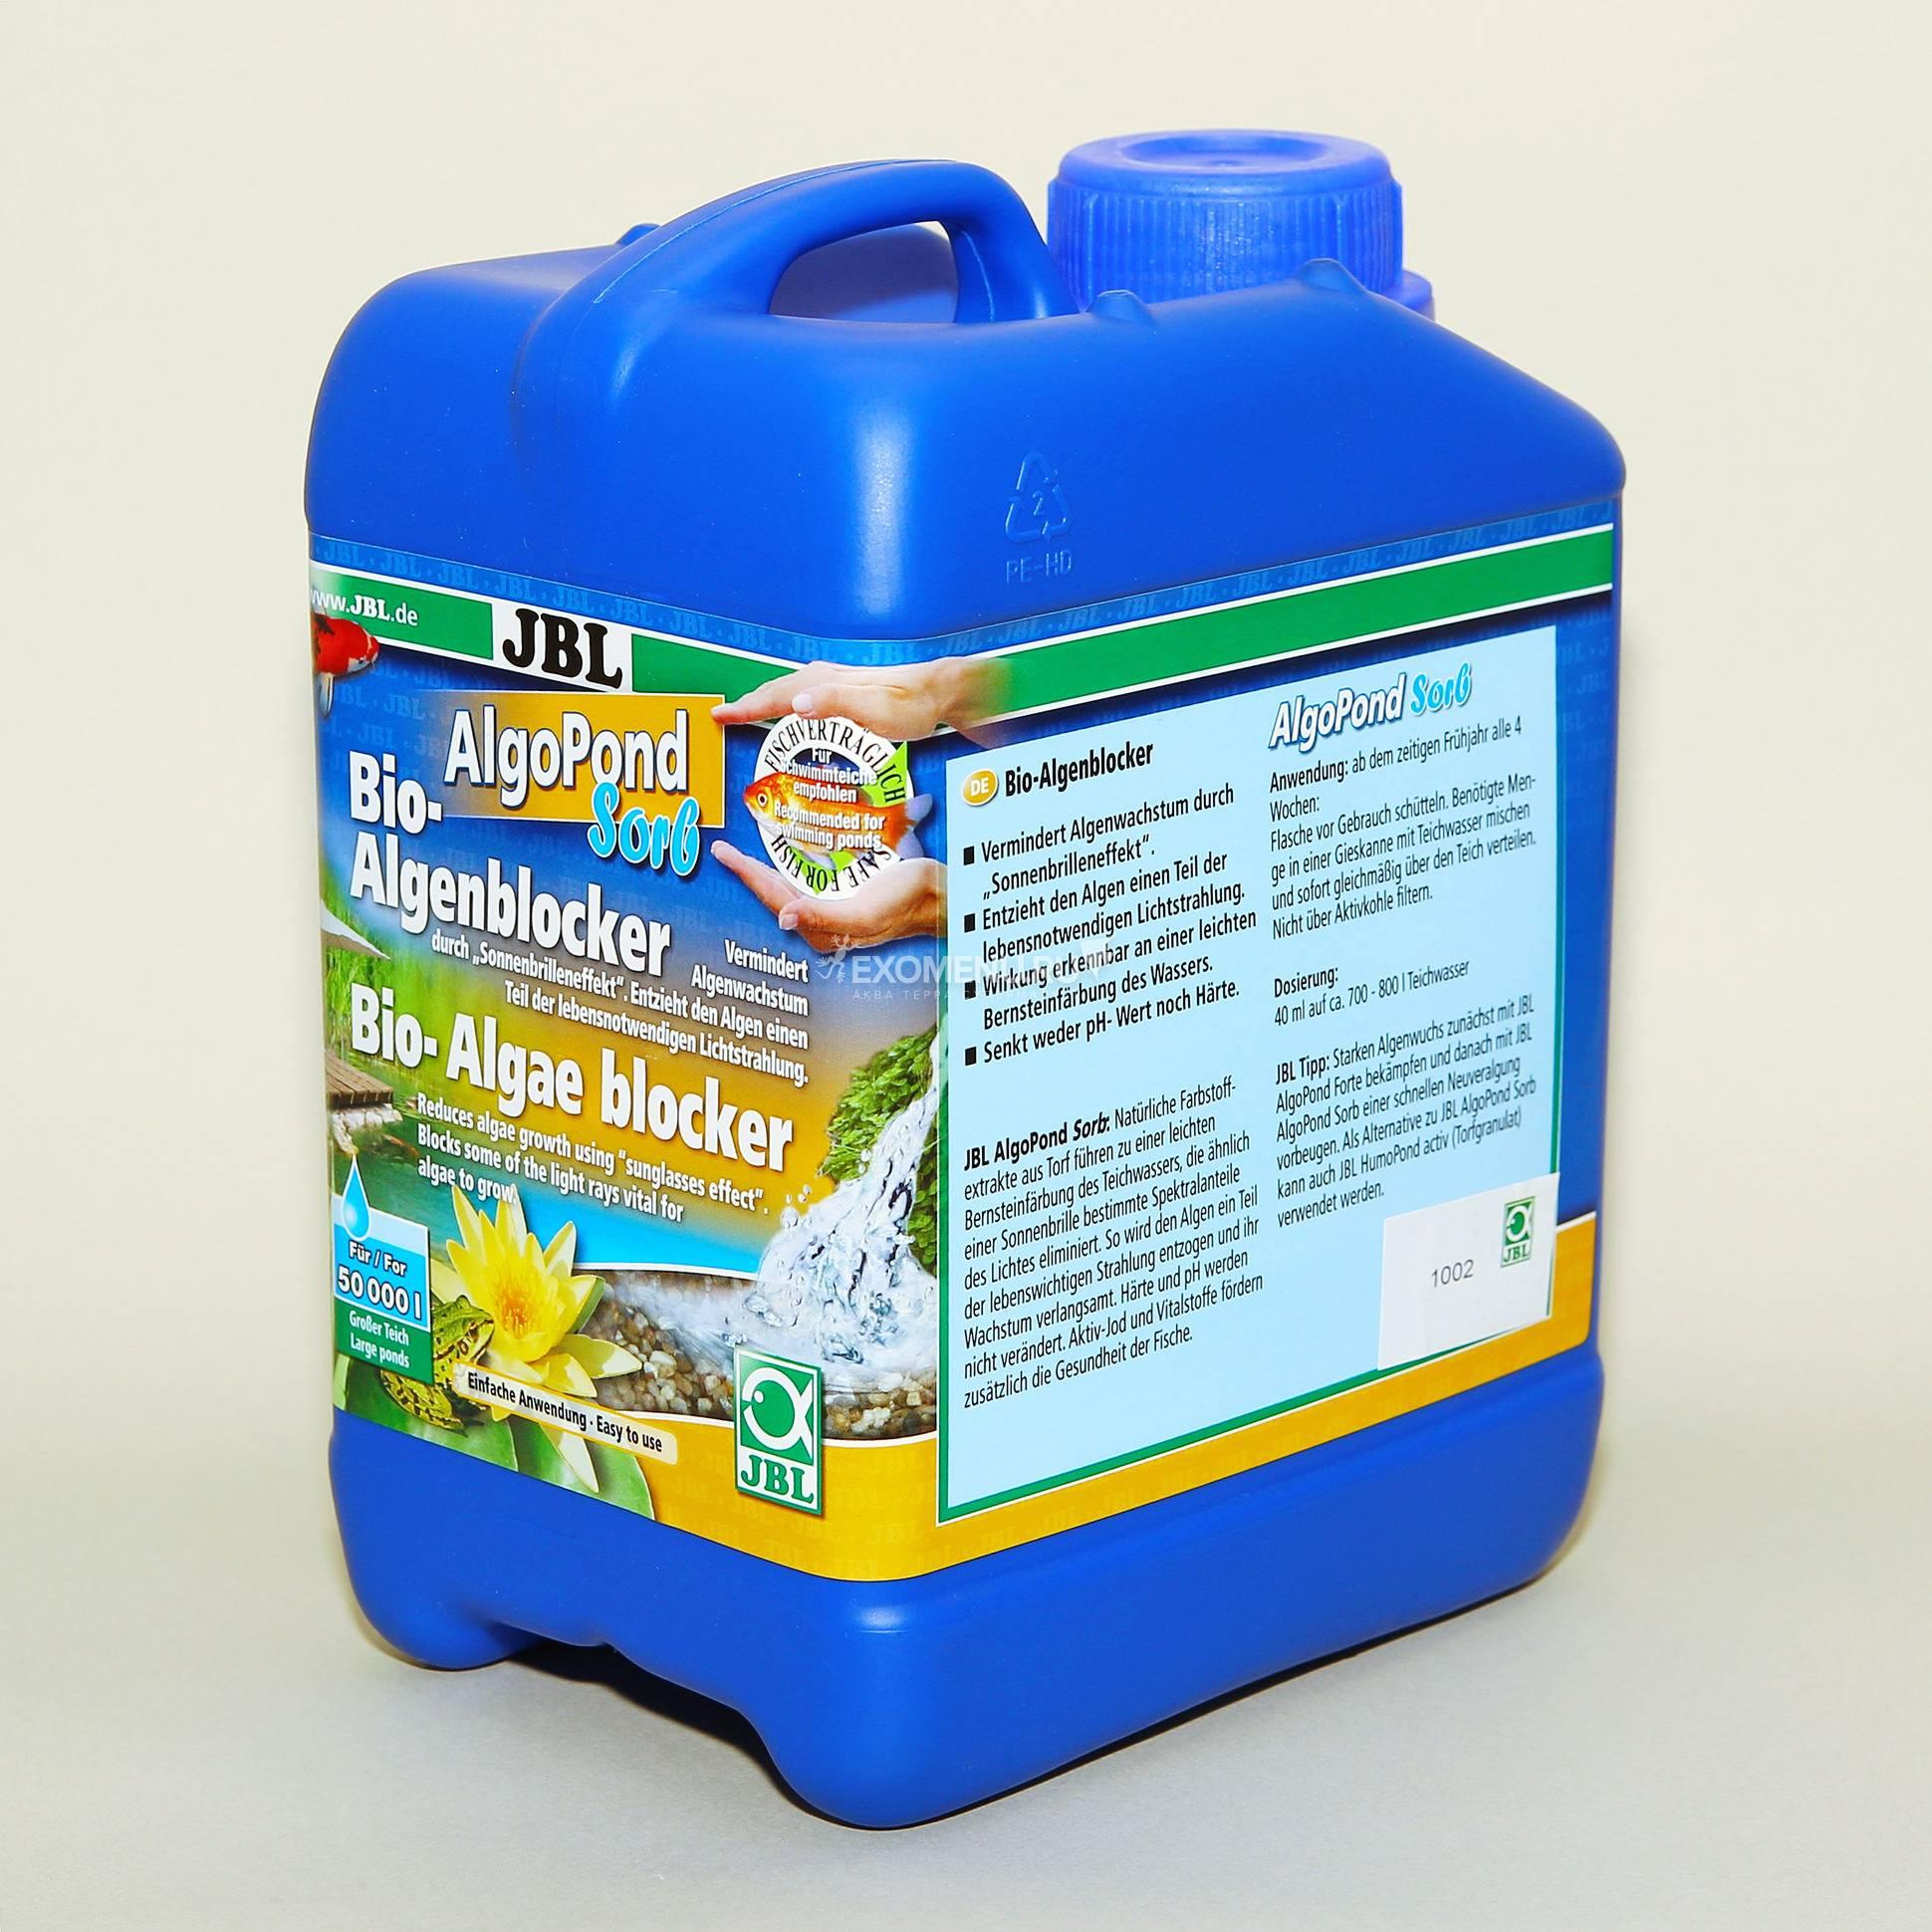 JBL AlgoPond Sorb - Биологический блокатор водорослей для садовых прудов, 2,5 л, на 50000 л фото